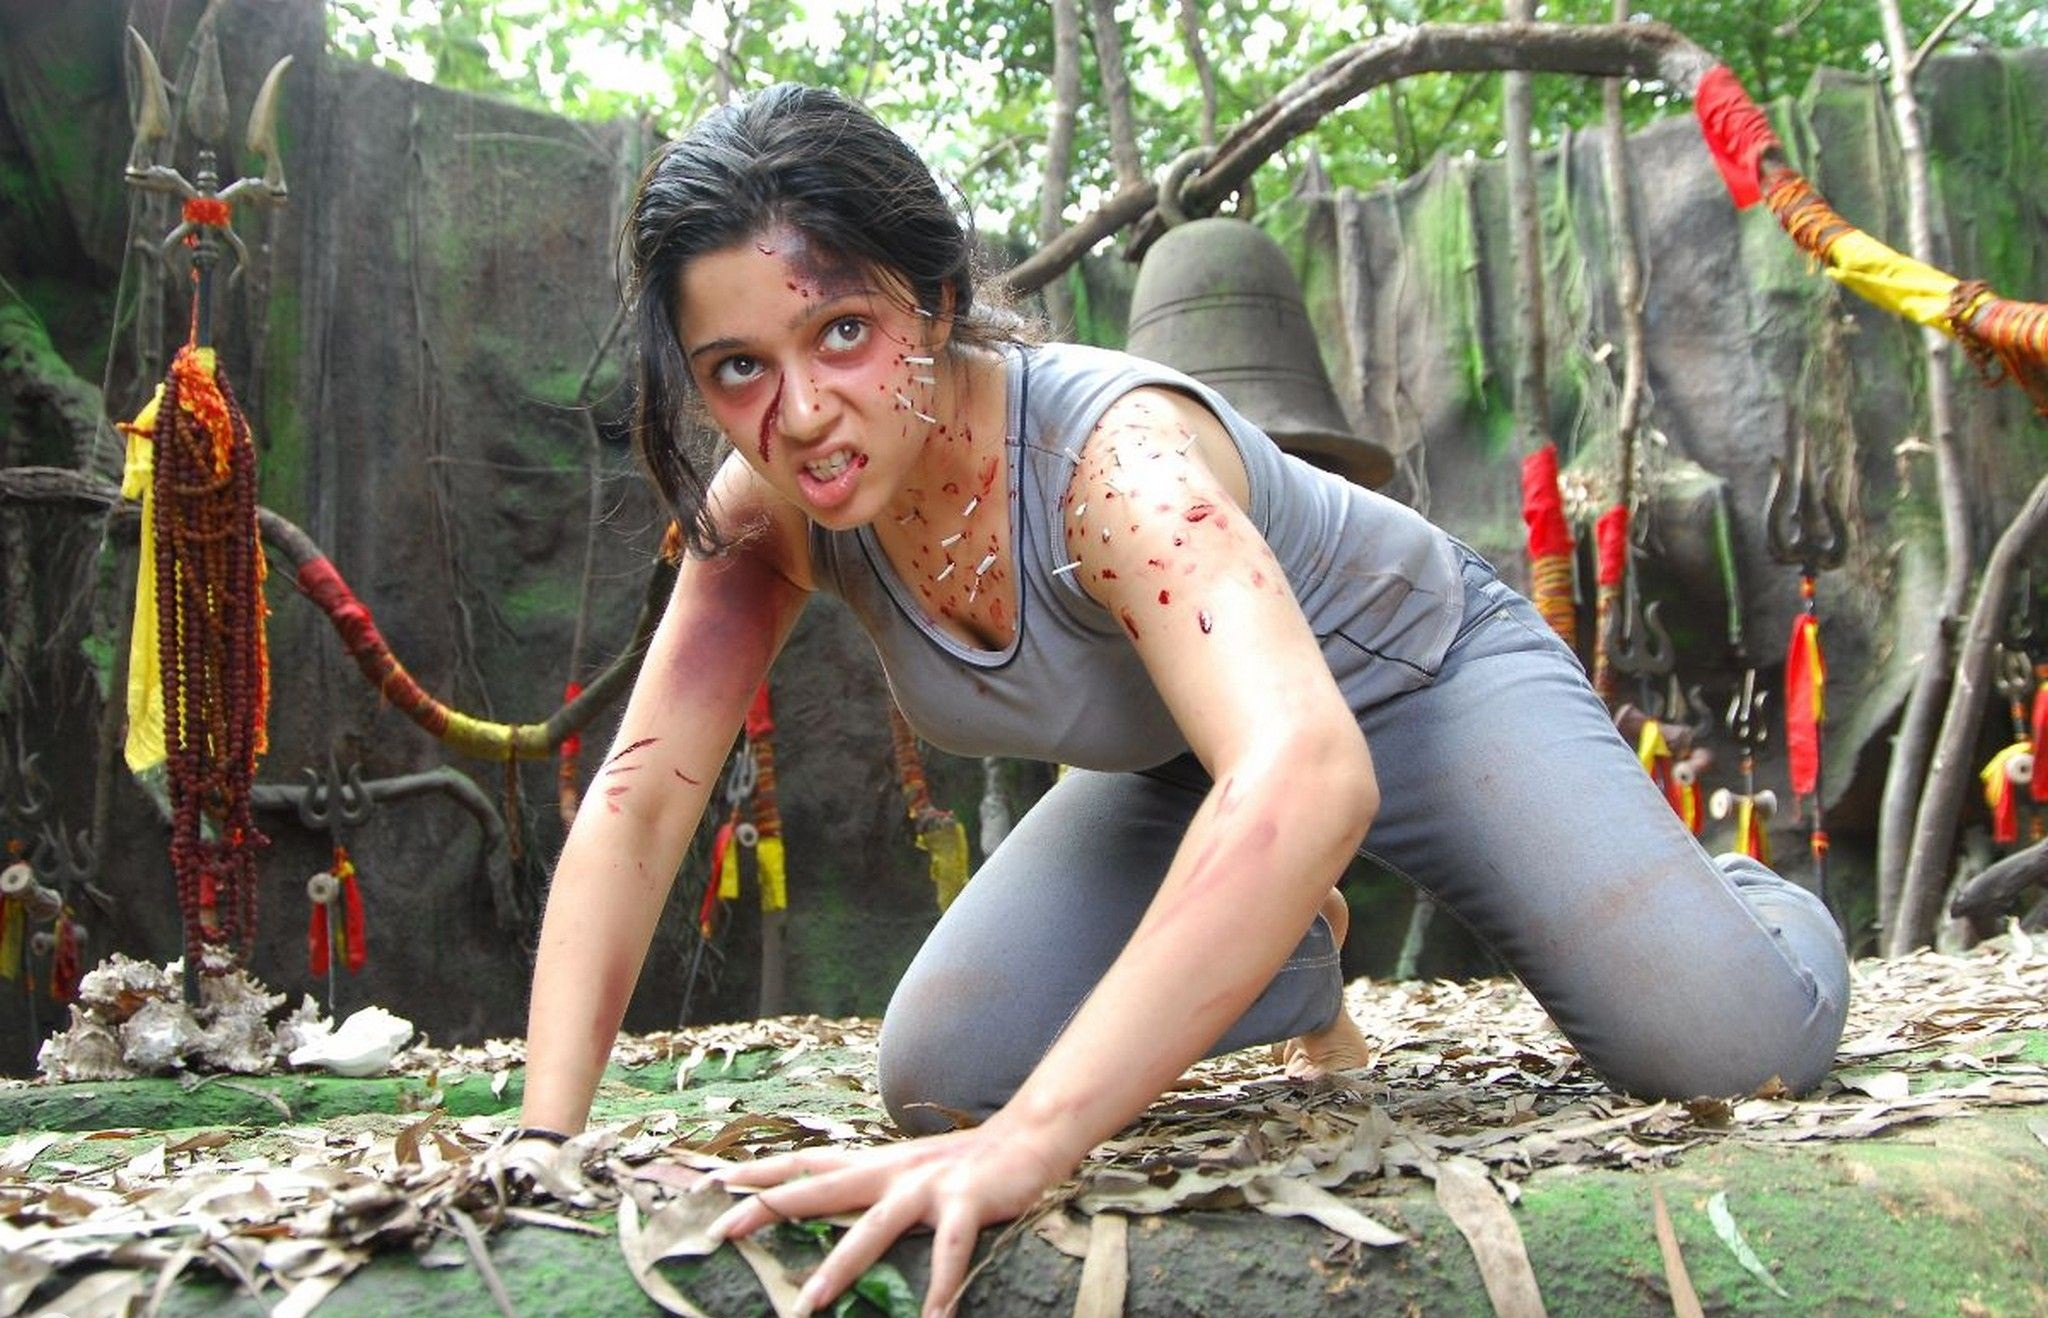 Sivangi movie archana hot photos